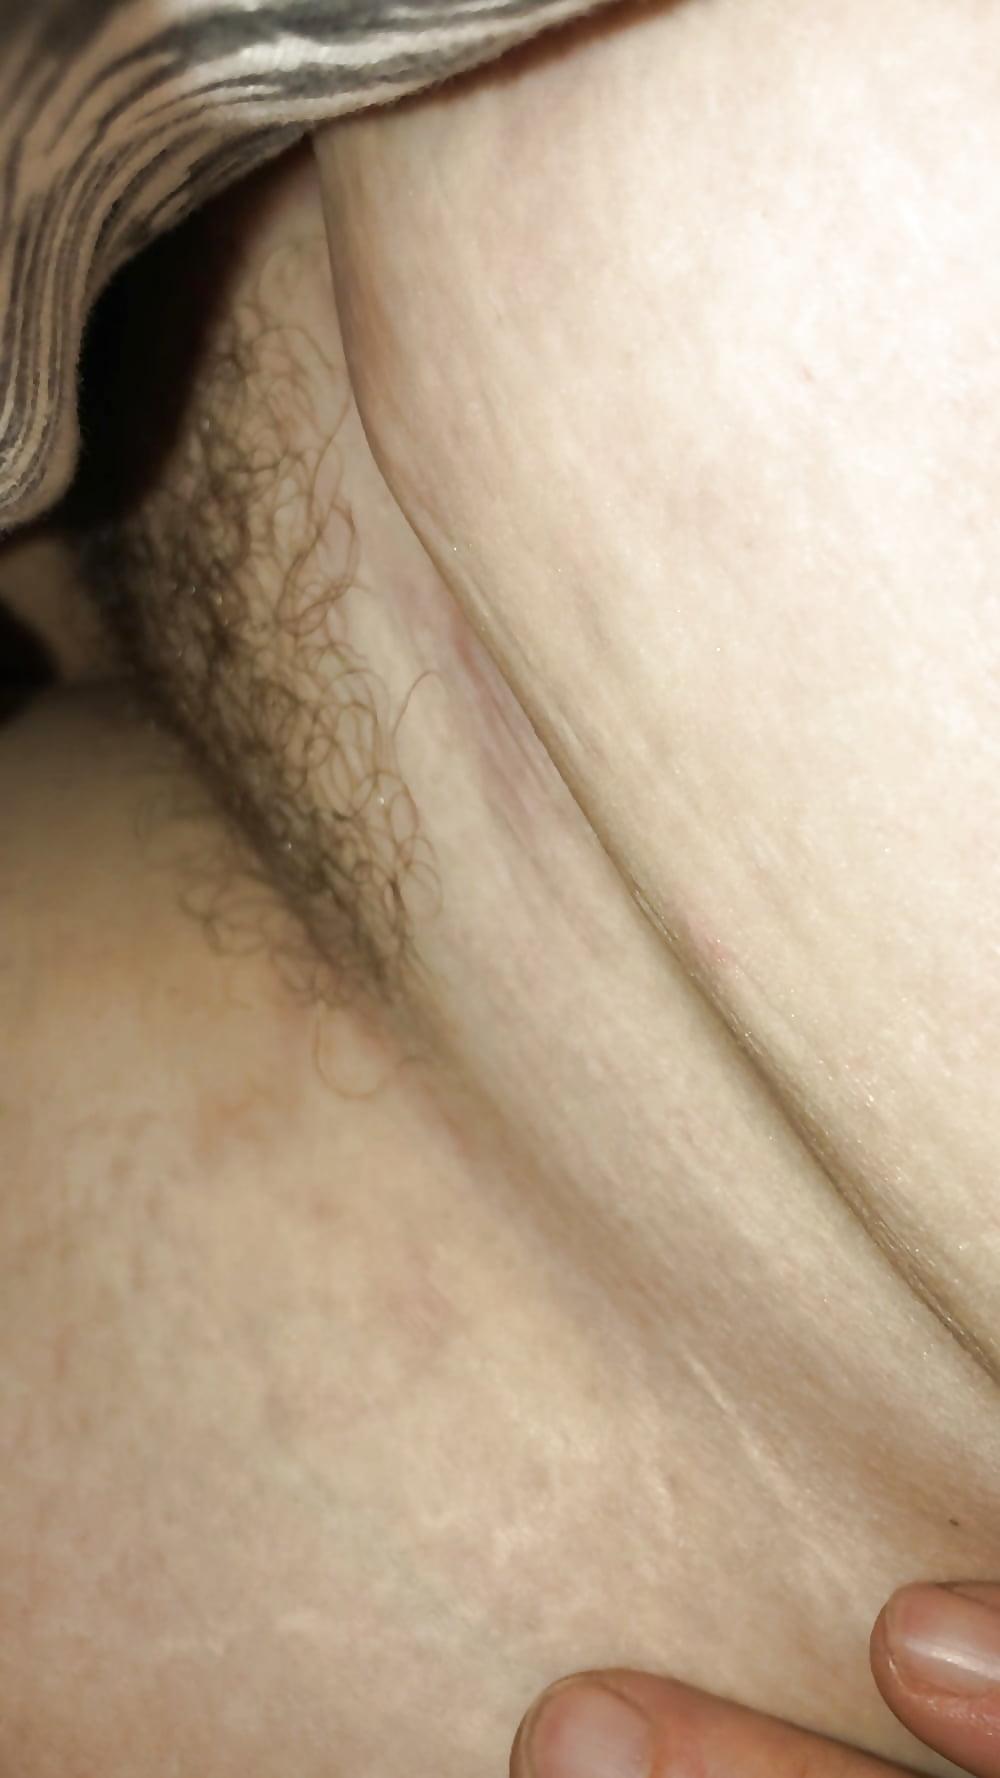 Hot naked tits pics-6604